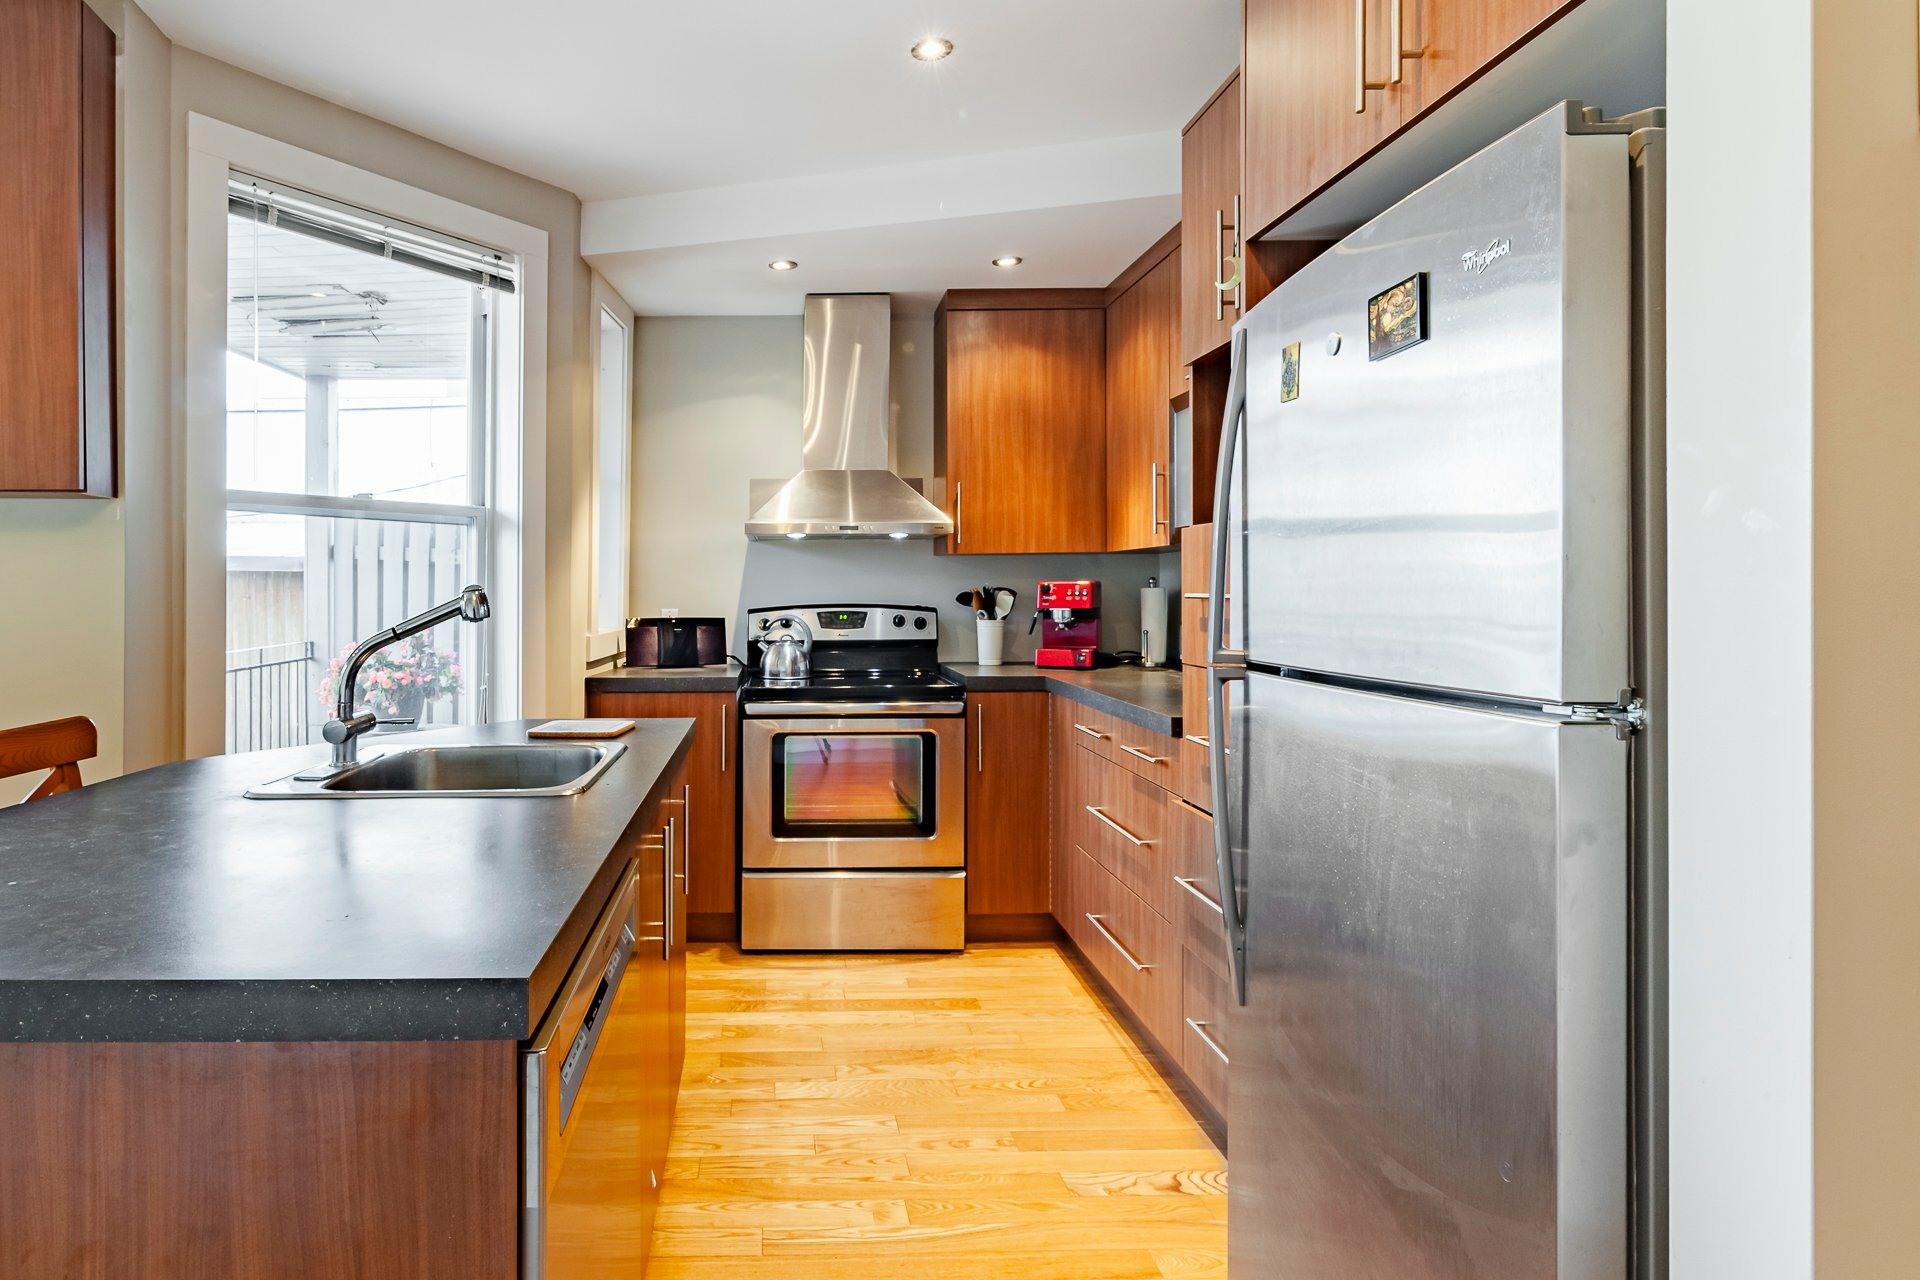 image 7 - Appartement À vendre Rosemont/La Petite-Patrie Montréal  - 7 pièces